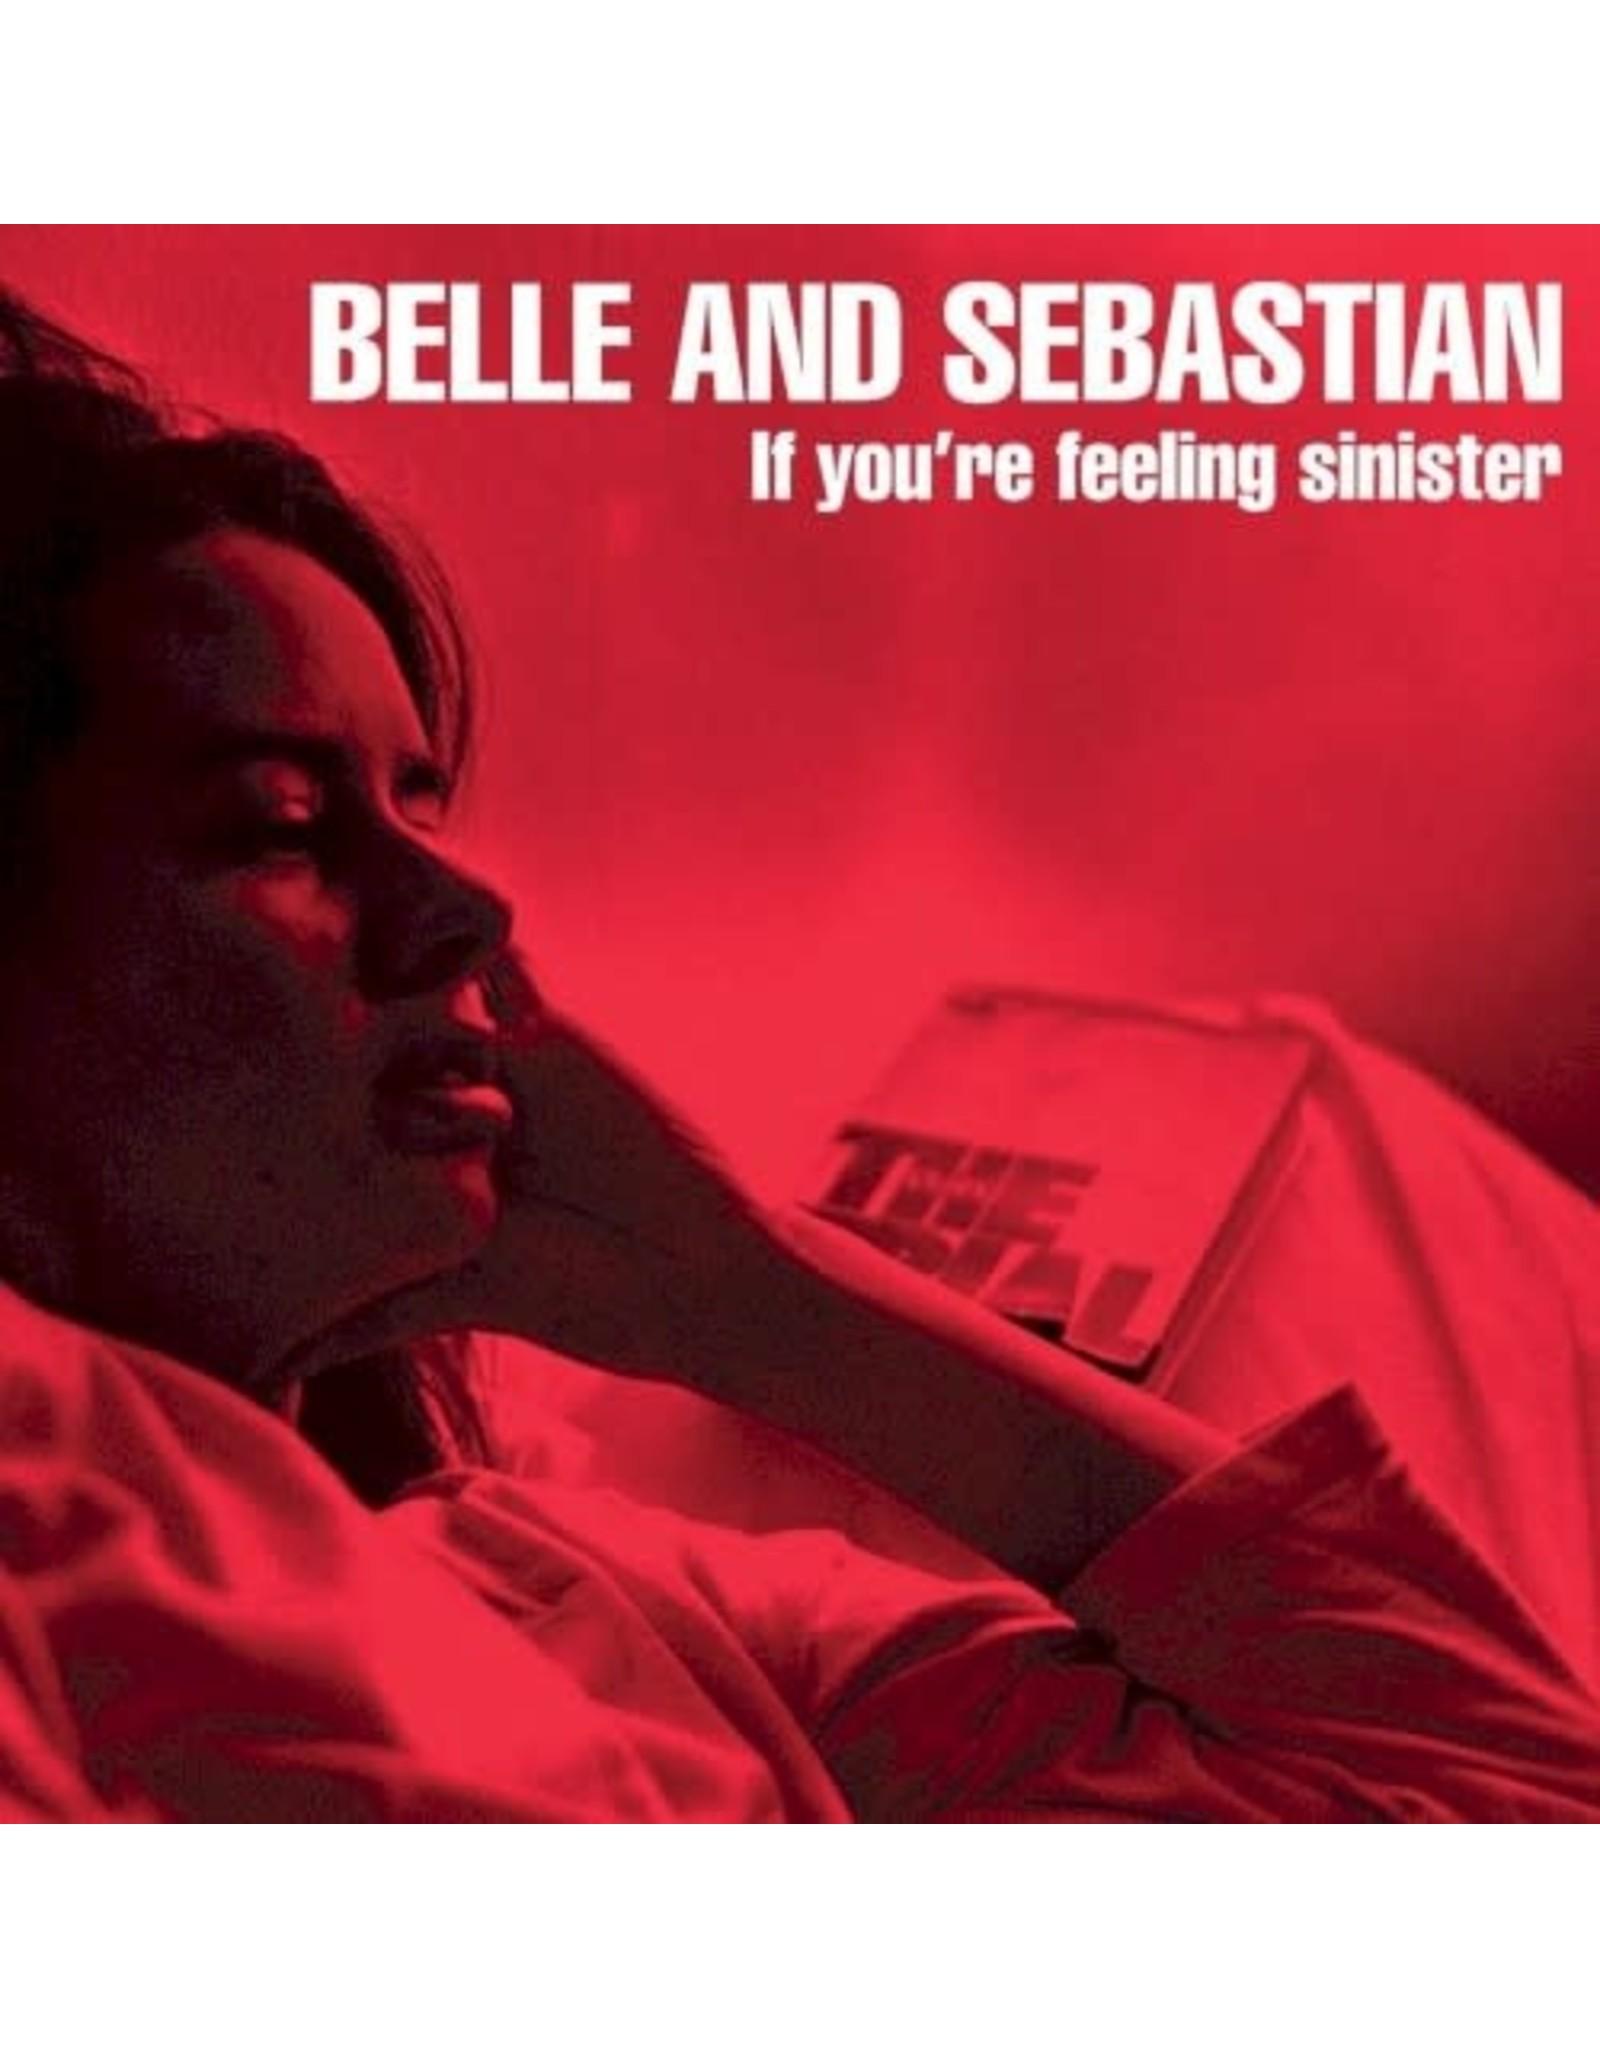 Belle and Sebastian - If You're Feeling Sinister LP